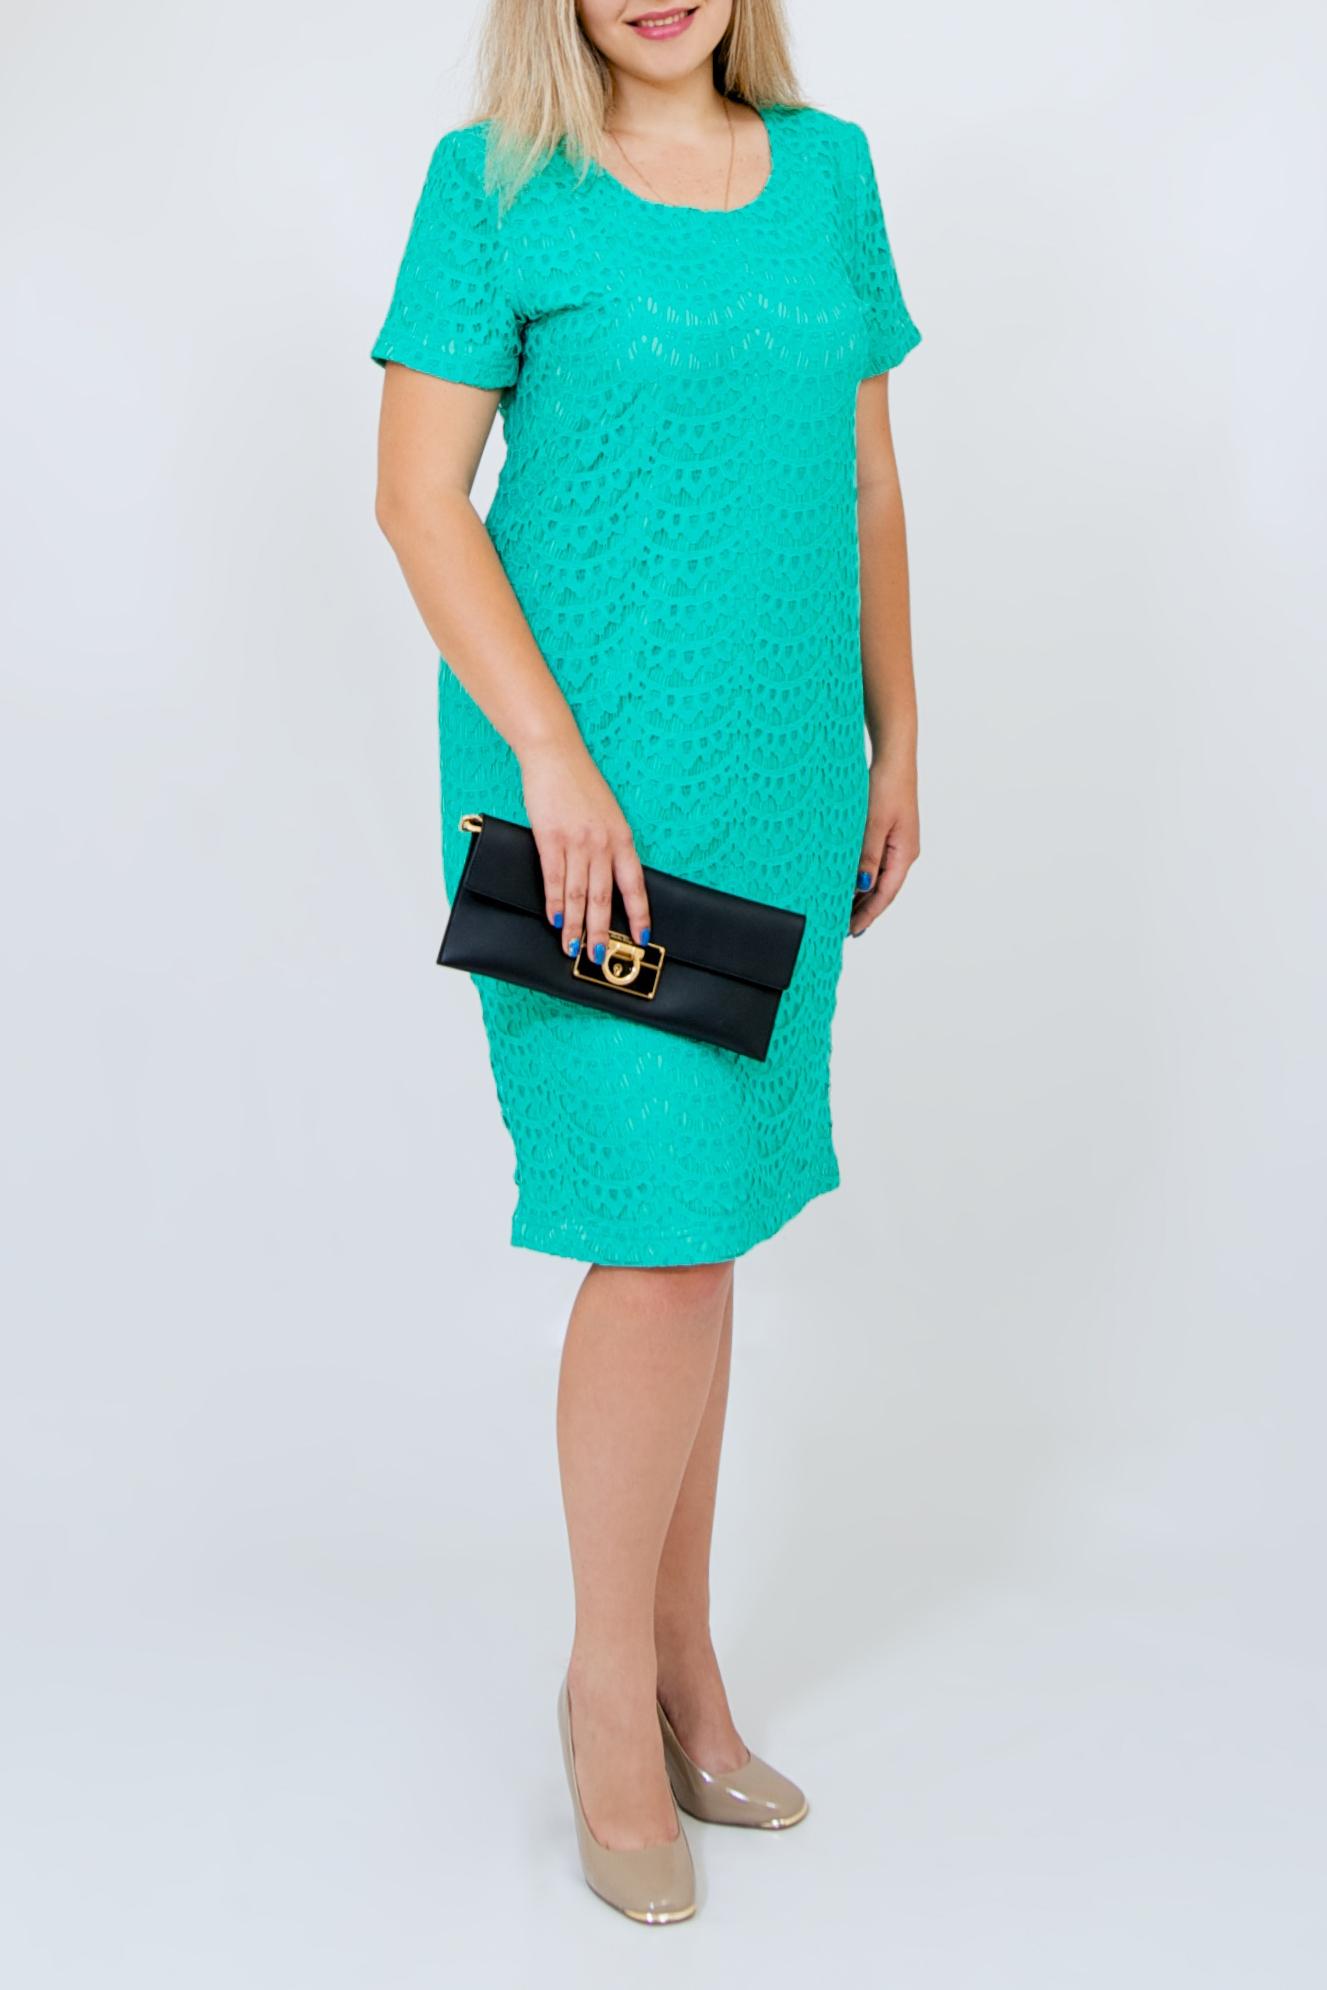 ПлатьеПлатья<br>Нарядное платье с короткими рукавами. Модель выполнена из ажурного гипюра на подкладе. Отличный выбор для любого торжества.   Цвет: бирюзовый  Рост девушки-фотомодели 170 см.<br><br>Горловина: С- горловина<br>По длине: Ниже колена<br>По материалу: Гипюр<br>По рисунку: Однотонные,Фактурный рисунок<br>По сезону: Весна,Зима,Лето,Осень,Всесезон<br>По силуэту: Полуприталенные<br>По стилю: Нарядный стиль<br>По форме: Платье - футляр<br>Рукав: Короткий рукав<br>Размер : 44-46,48-50,58-62,64-68<br>Материал: Гипюр<br>Количество в наличии: 5